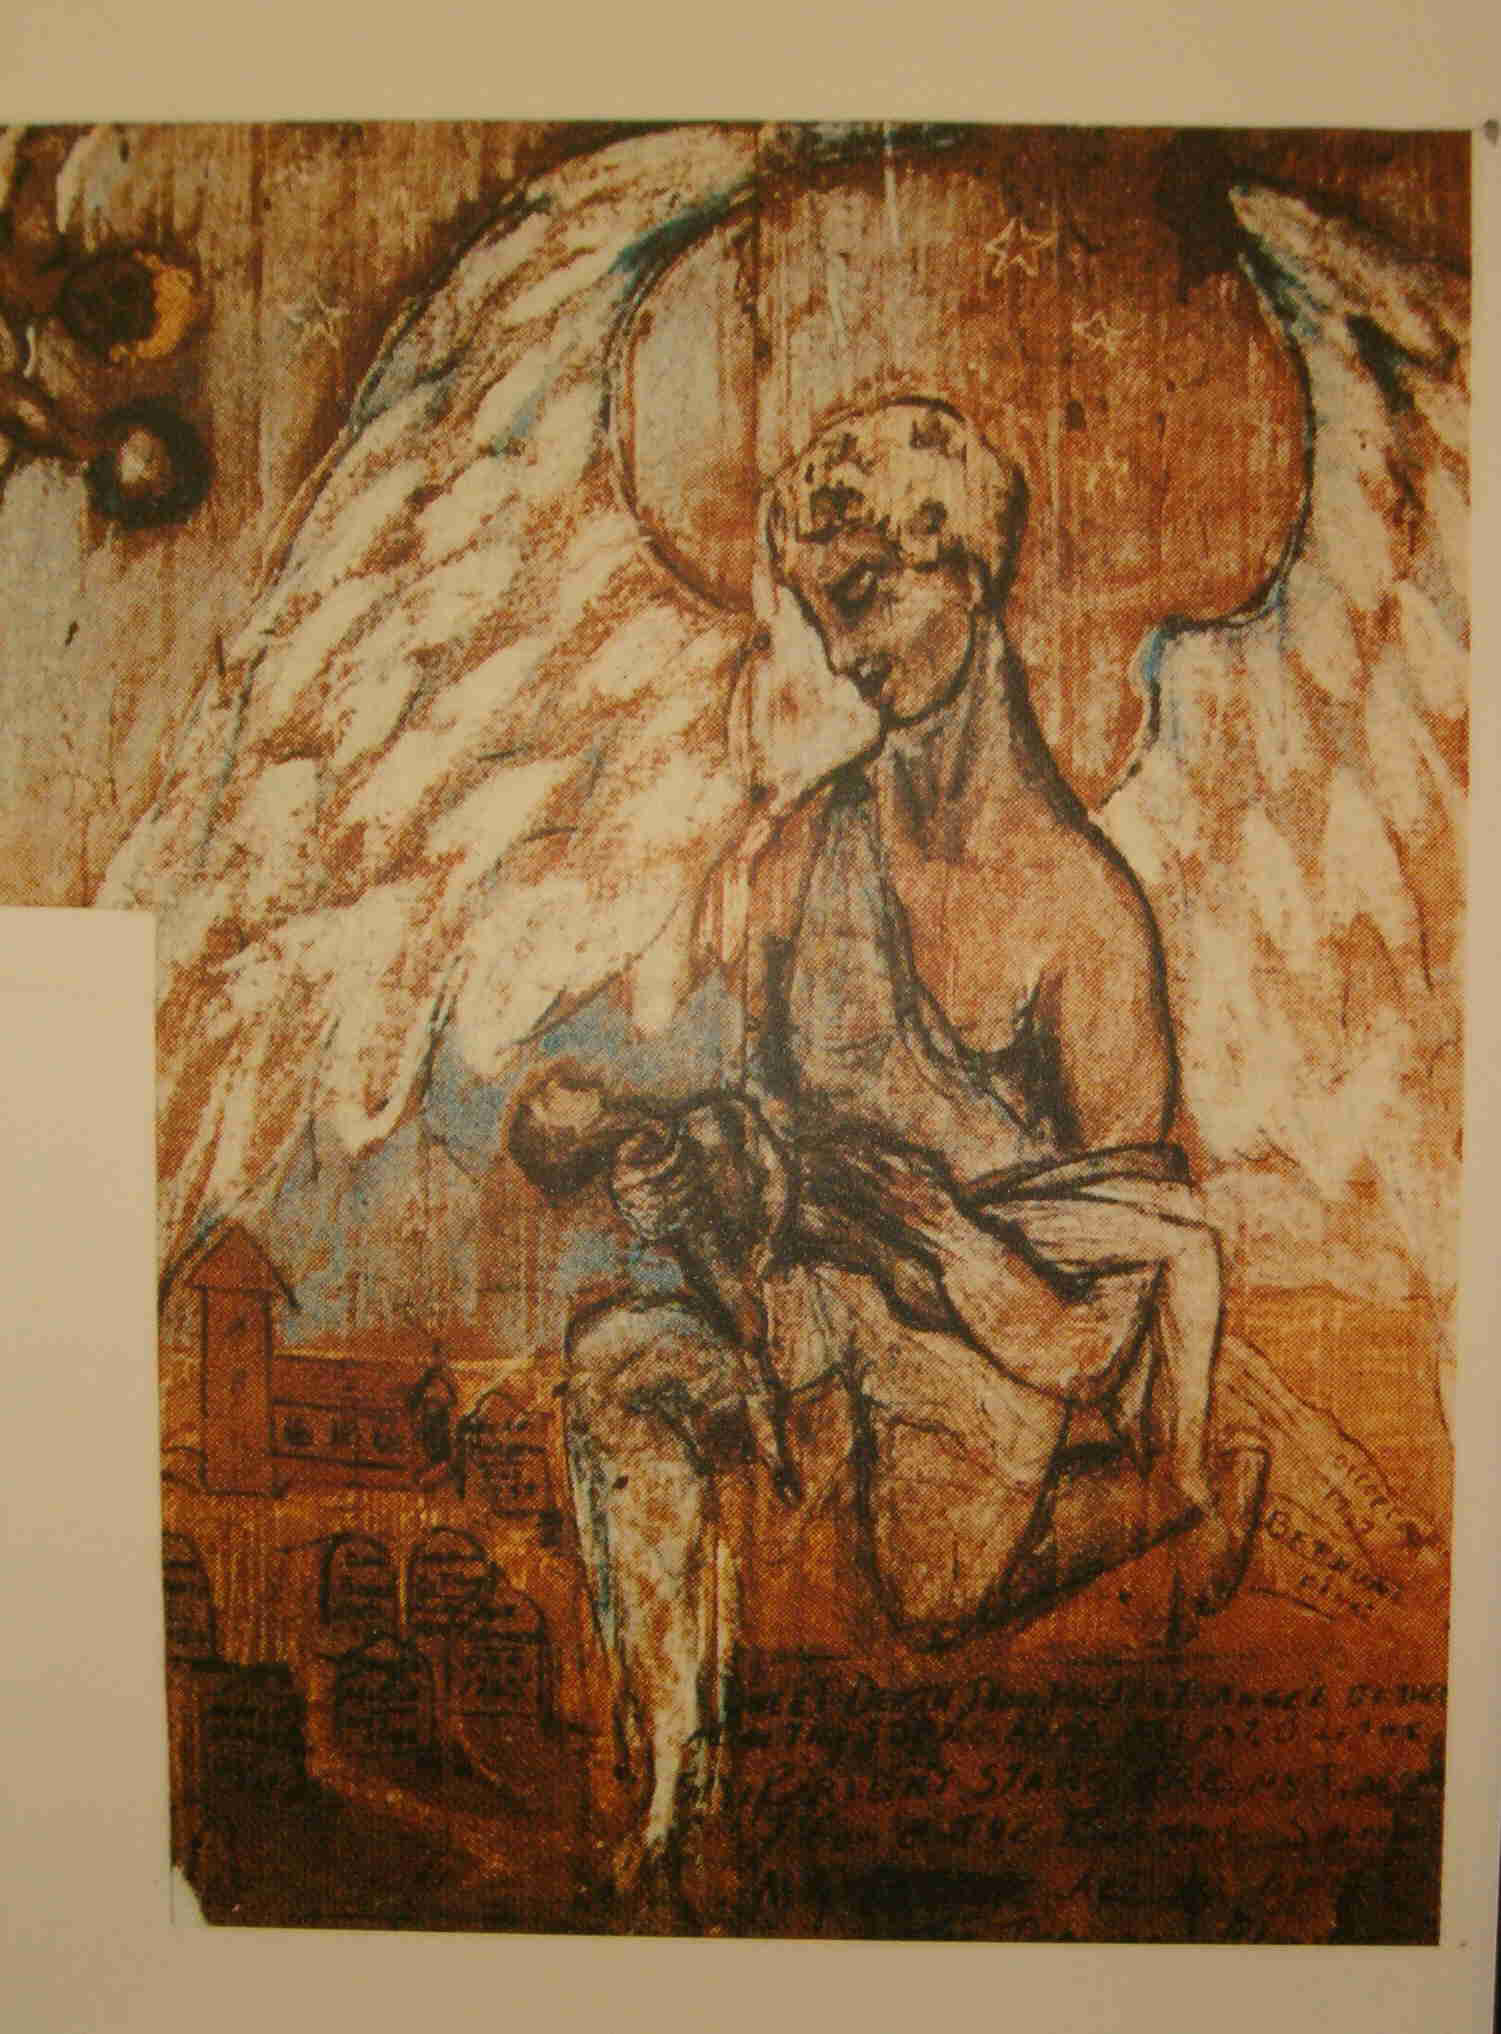 Peinture représentant un ange de la mort